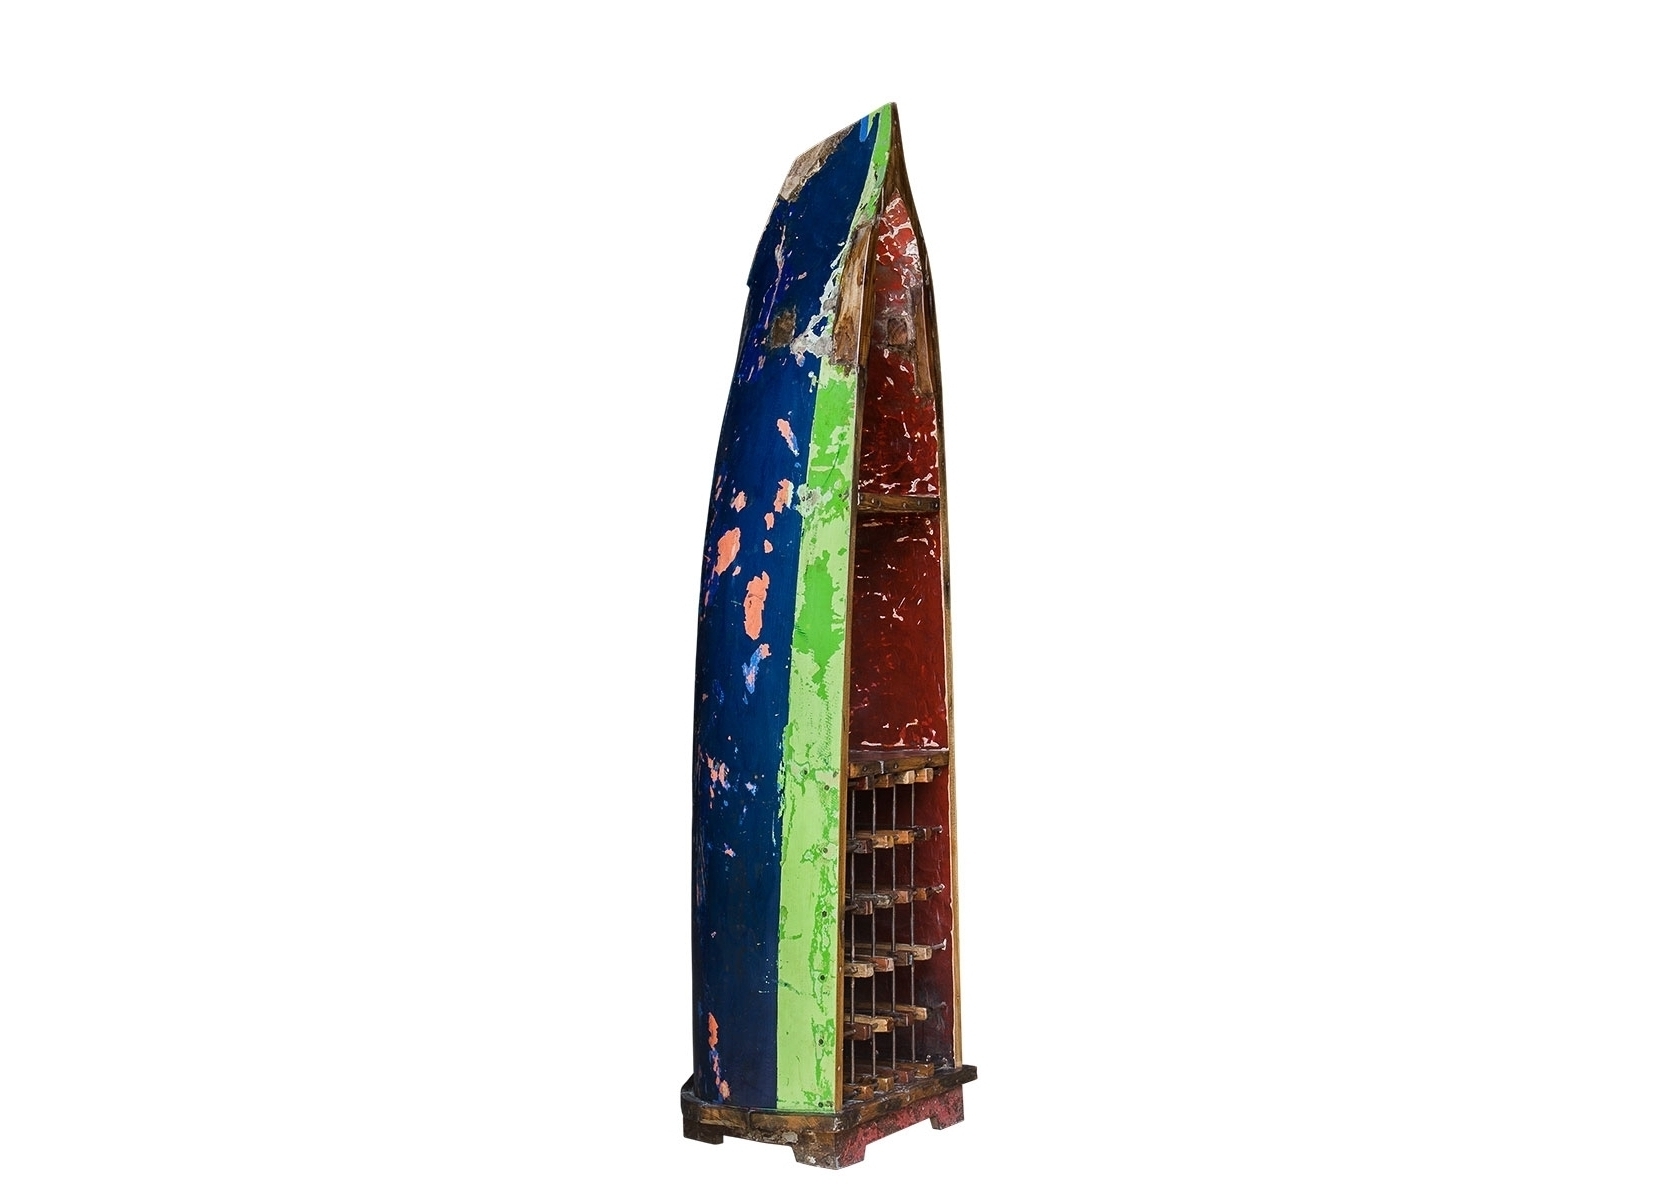 Лодка для вина БарбароссаВинные стеллажи<br>Винный шкаф, выполненный из старой рыбацкой лодки классической правильной формы с сохранением оригинальной многослойной окраски.<br>Хранит до 15 бутылок. <br>Подходит для использования как внутри помещения, так и снаружи.&amp;amp;nbsp;&amp;lt;div&amp;gt;&amp;lt;br&amp;gt;&amp;lt;/div&amp;gt;&amp;lt;div&amp;gt;Покрытие: шеллак&amp;amp;nbsp;&amp;lt;/div&amp;gt;&amp;lt;div&amp;gt;Материал: массив тика (махогони, суара)&amp;lt;/div&amp;gt;<br><br>Material: Тик<br>Width см: 51<br>Depth см: 63<br>Height см: 222